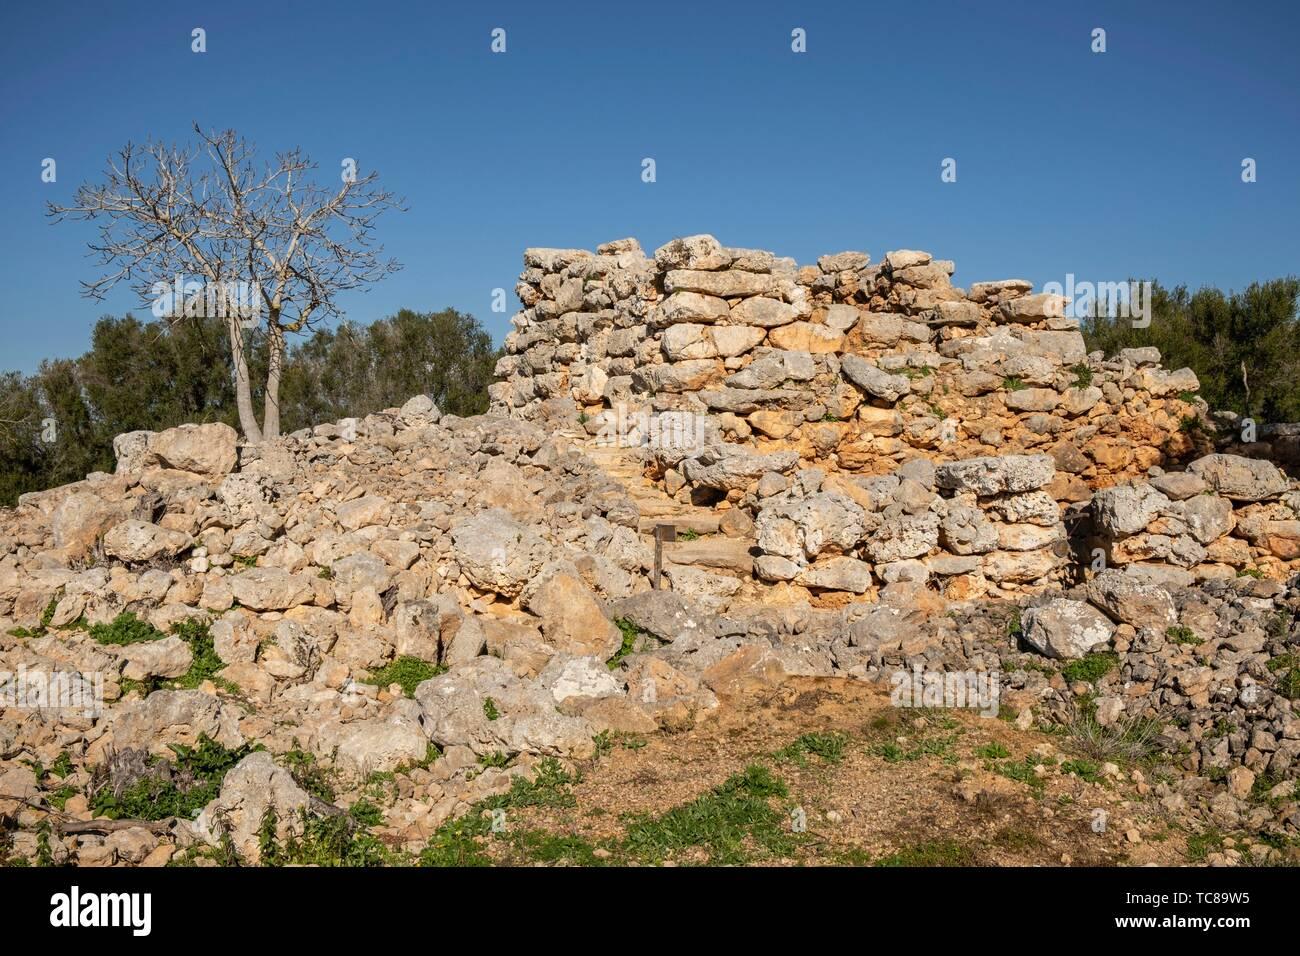 talayot cuadrado, conjunto prehistórico de Capocorb Vell, principios del primer milenio a. C. (Edad de Hierro), Monumento Histórico Artístico, - Stock Image